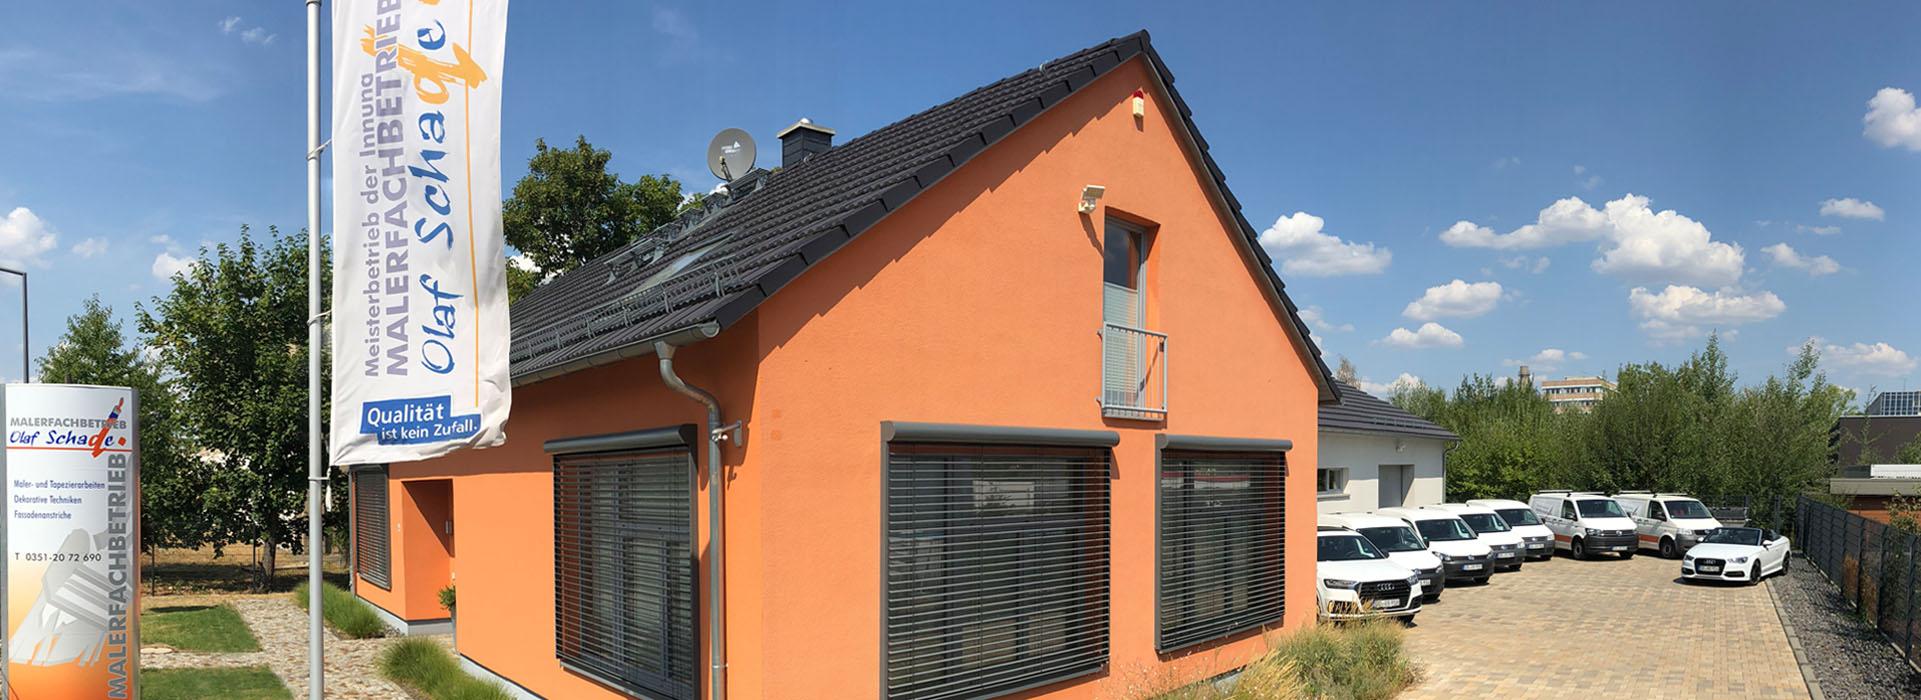 Malerfachbetrieb Olaf Schade GmbH